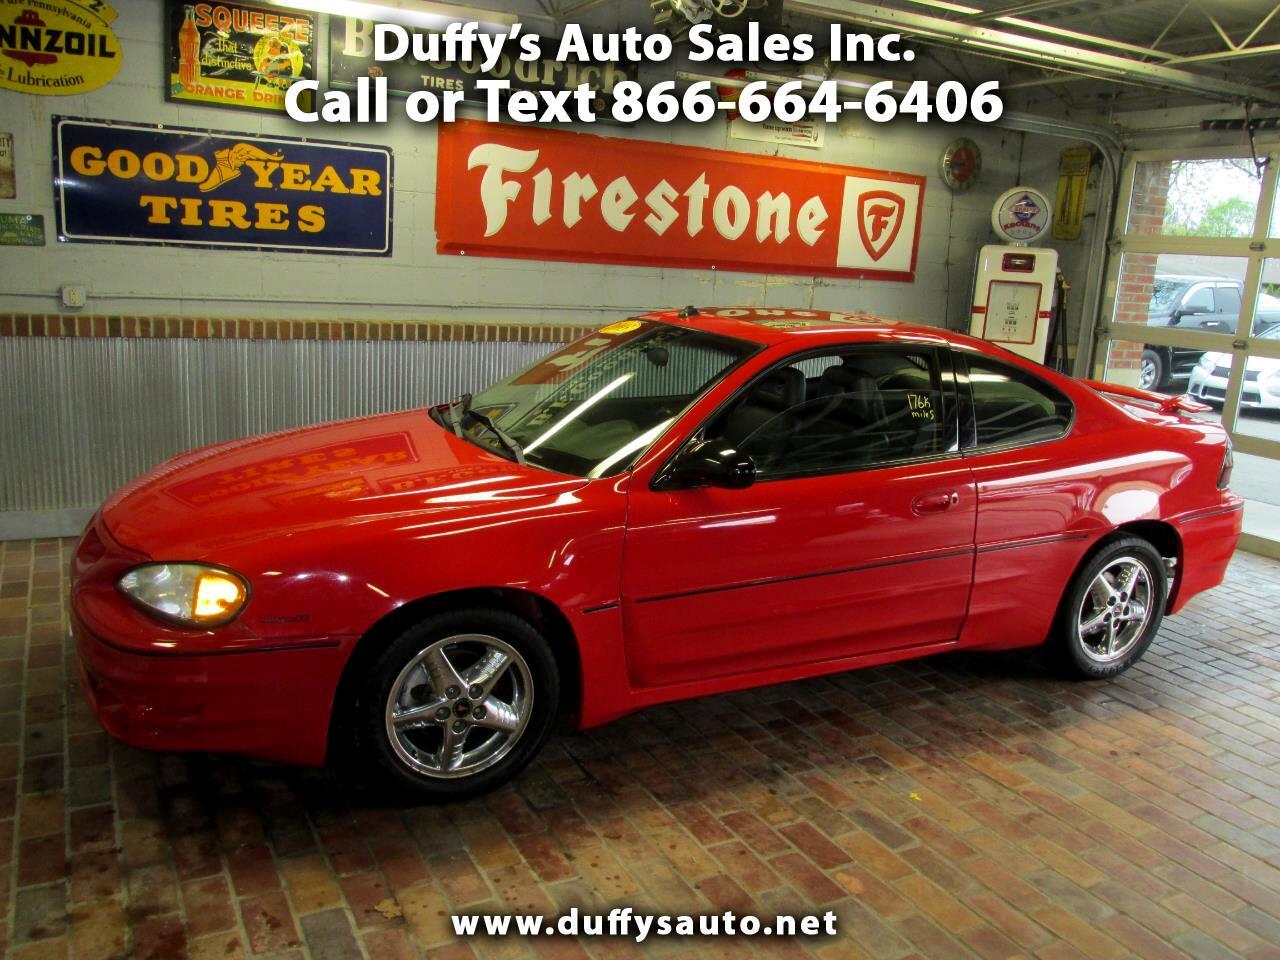 2003 Pontiac Grand Am 2dr Cpe GT1